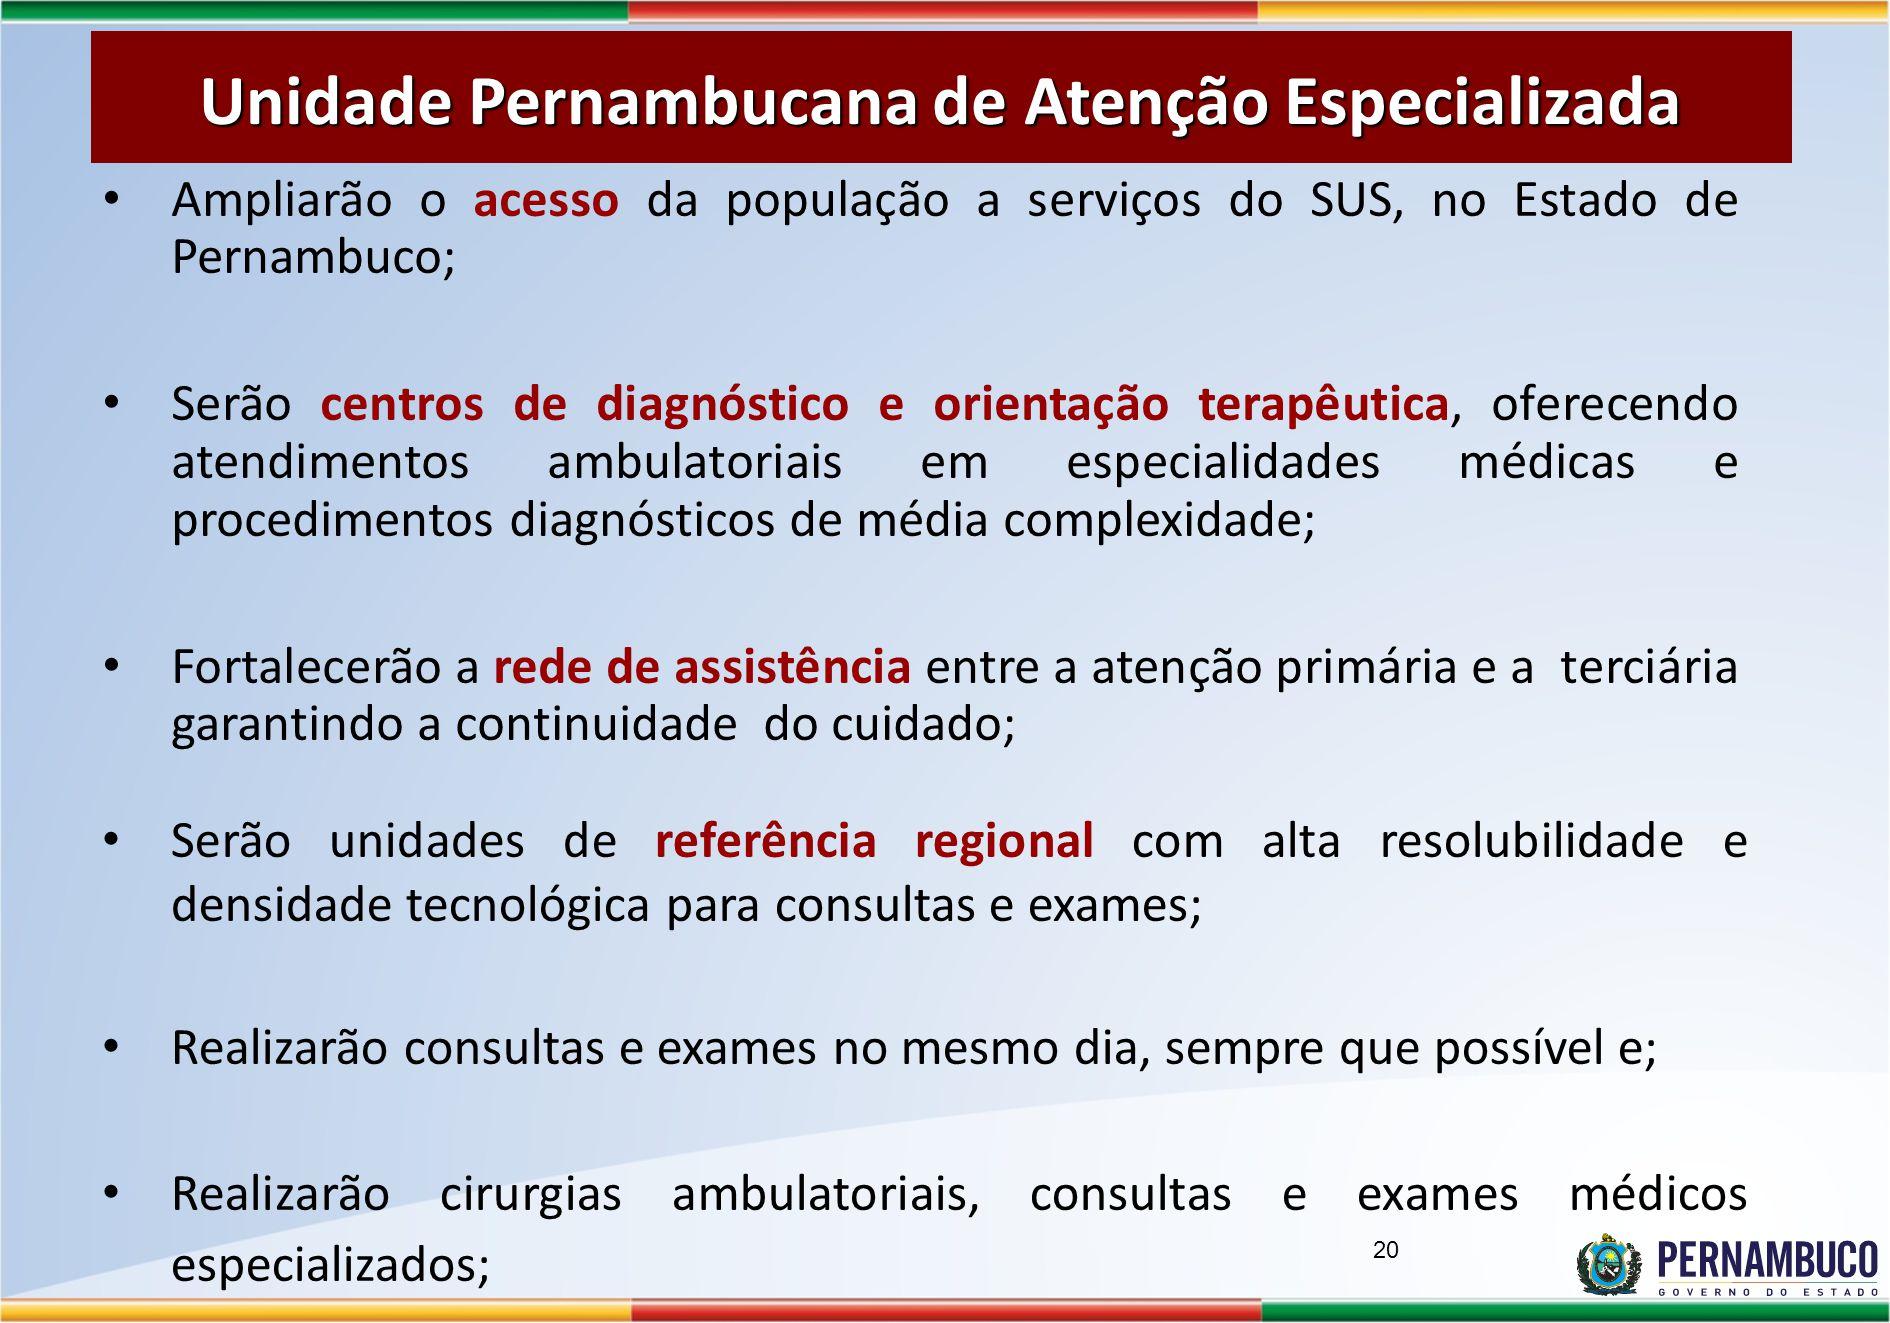 Unidade Pernambucana de Atenção Especializada